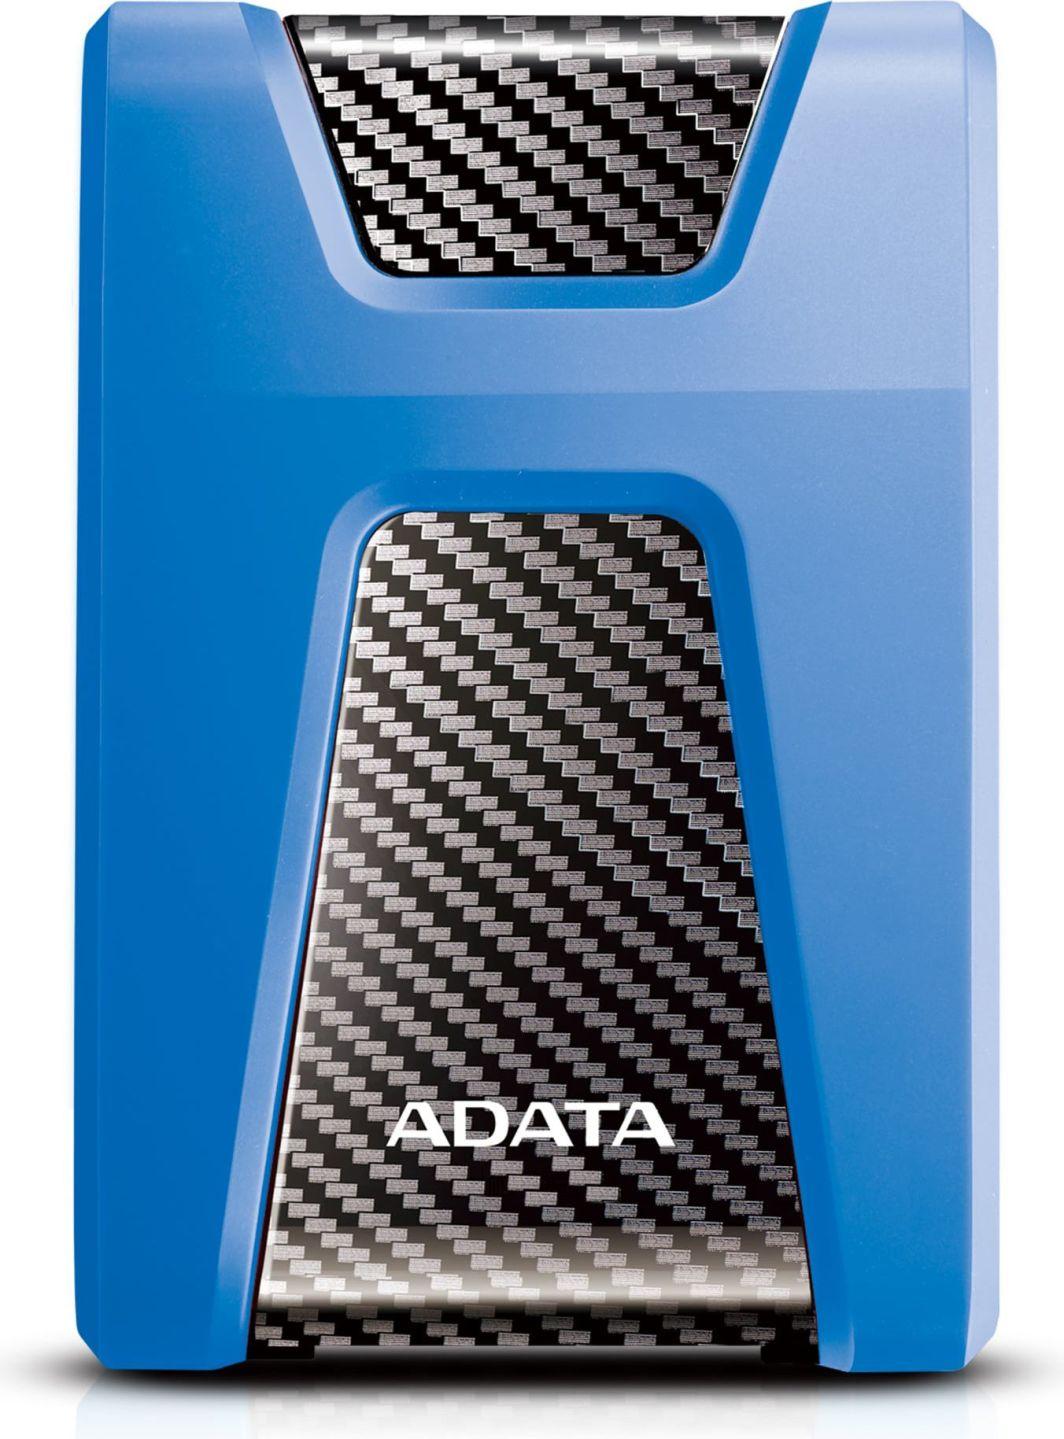 Dysk zewnętrzny ADATA HDD HD650 1 TB Niebiesko-czarny (AHD650-1TU31-CBL) 1